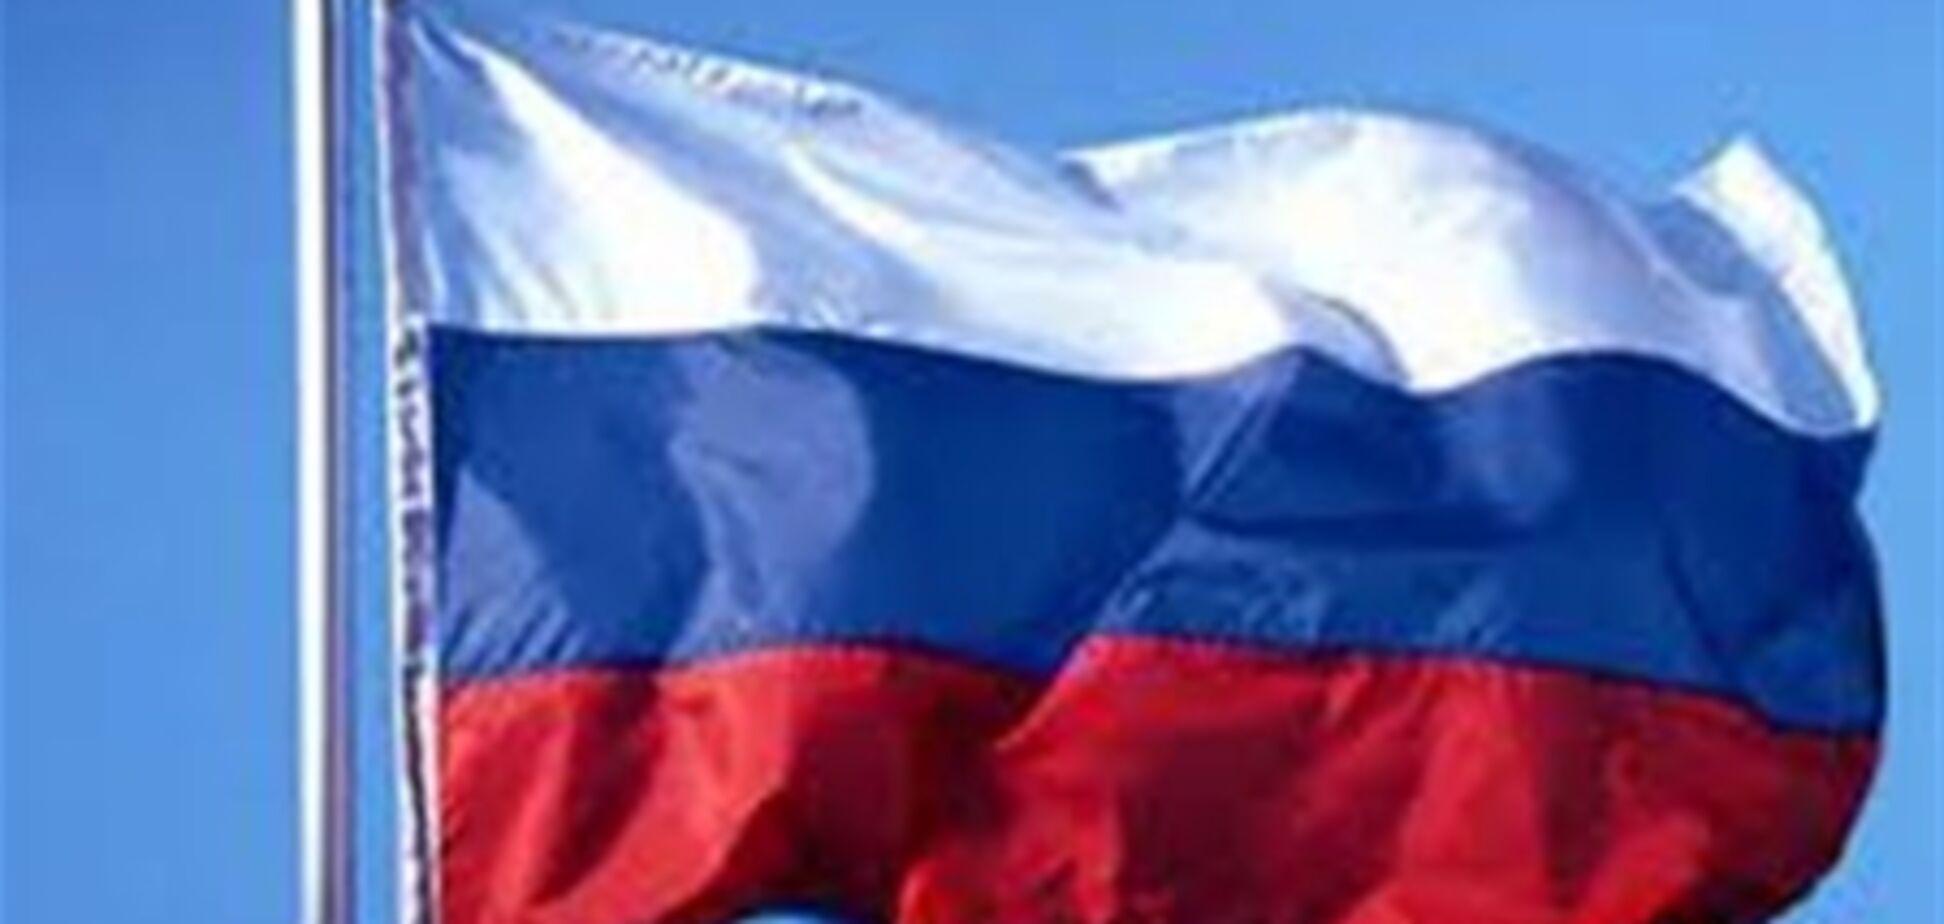 Затриманий український журналіст Халецький просить політпритулку в Росії